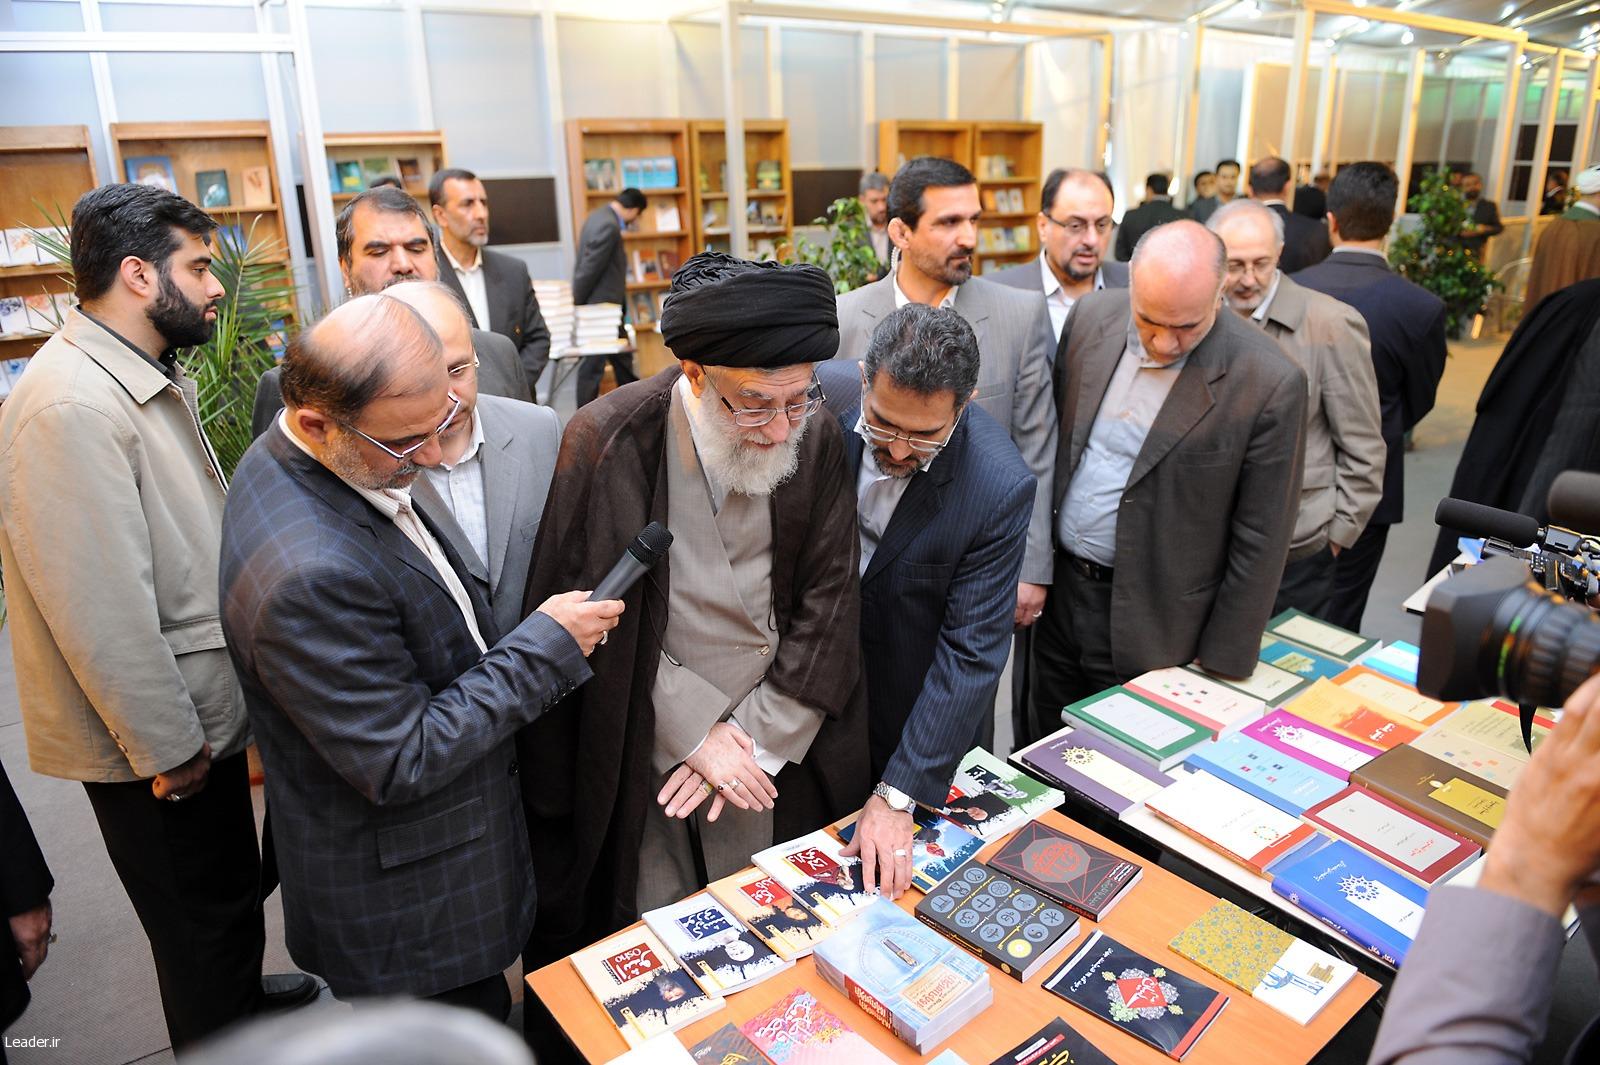 نمایشگاه کتاب با حضور رهبر کبیر این ملت